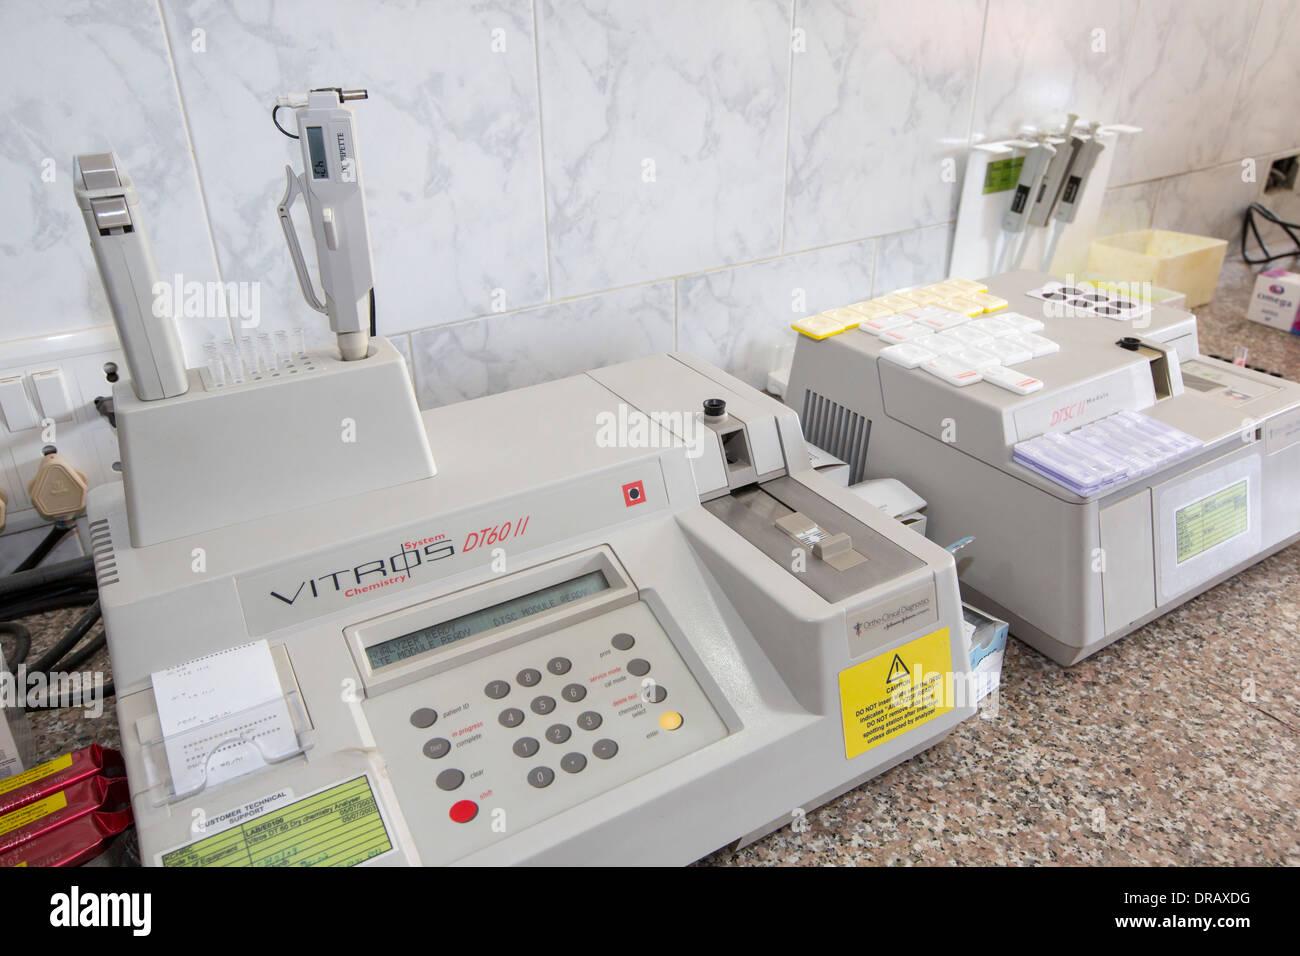 Machine pour l'analyse des électrolytes, enzymes, lipides plein adulte, et provenant des tests dans un des laboratoires dans le cancer spécialiste Photo Stock